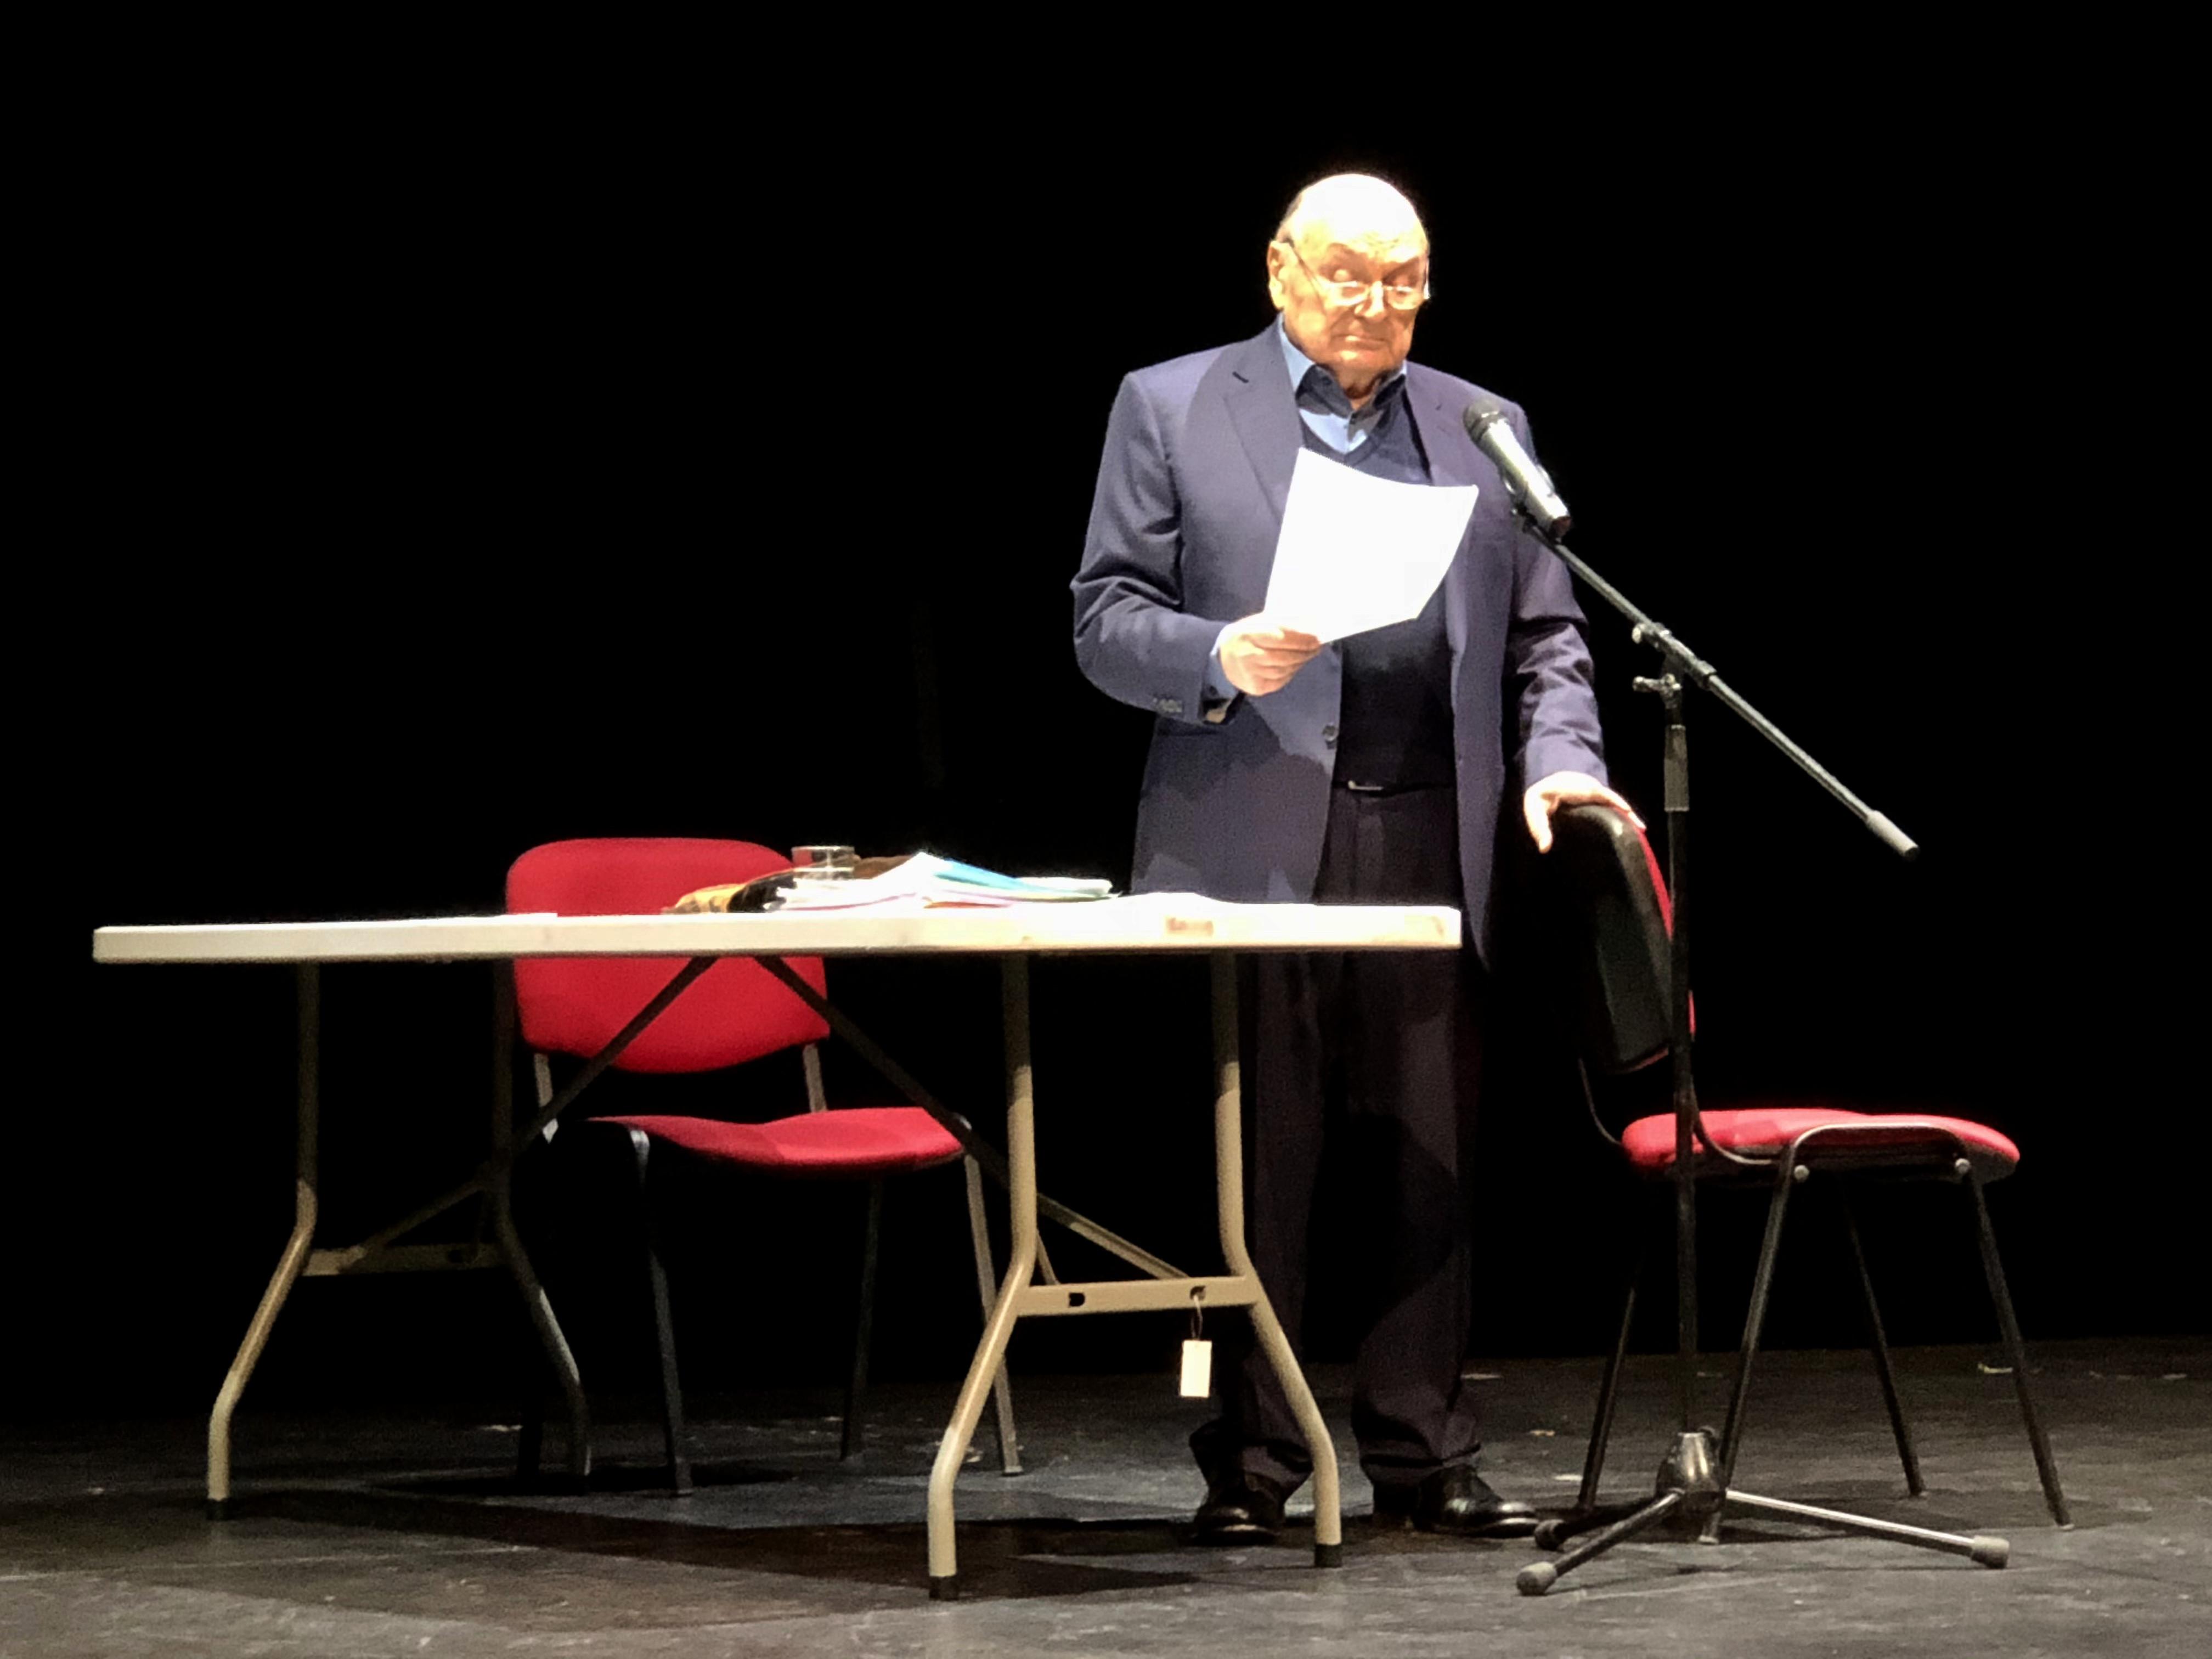 Выступление М. Жванецкого в Праге 15 февраля 2019 года. Фото автора